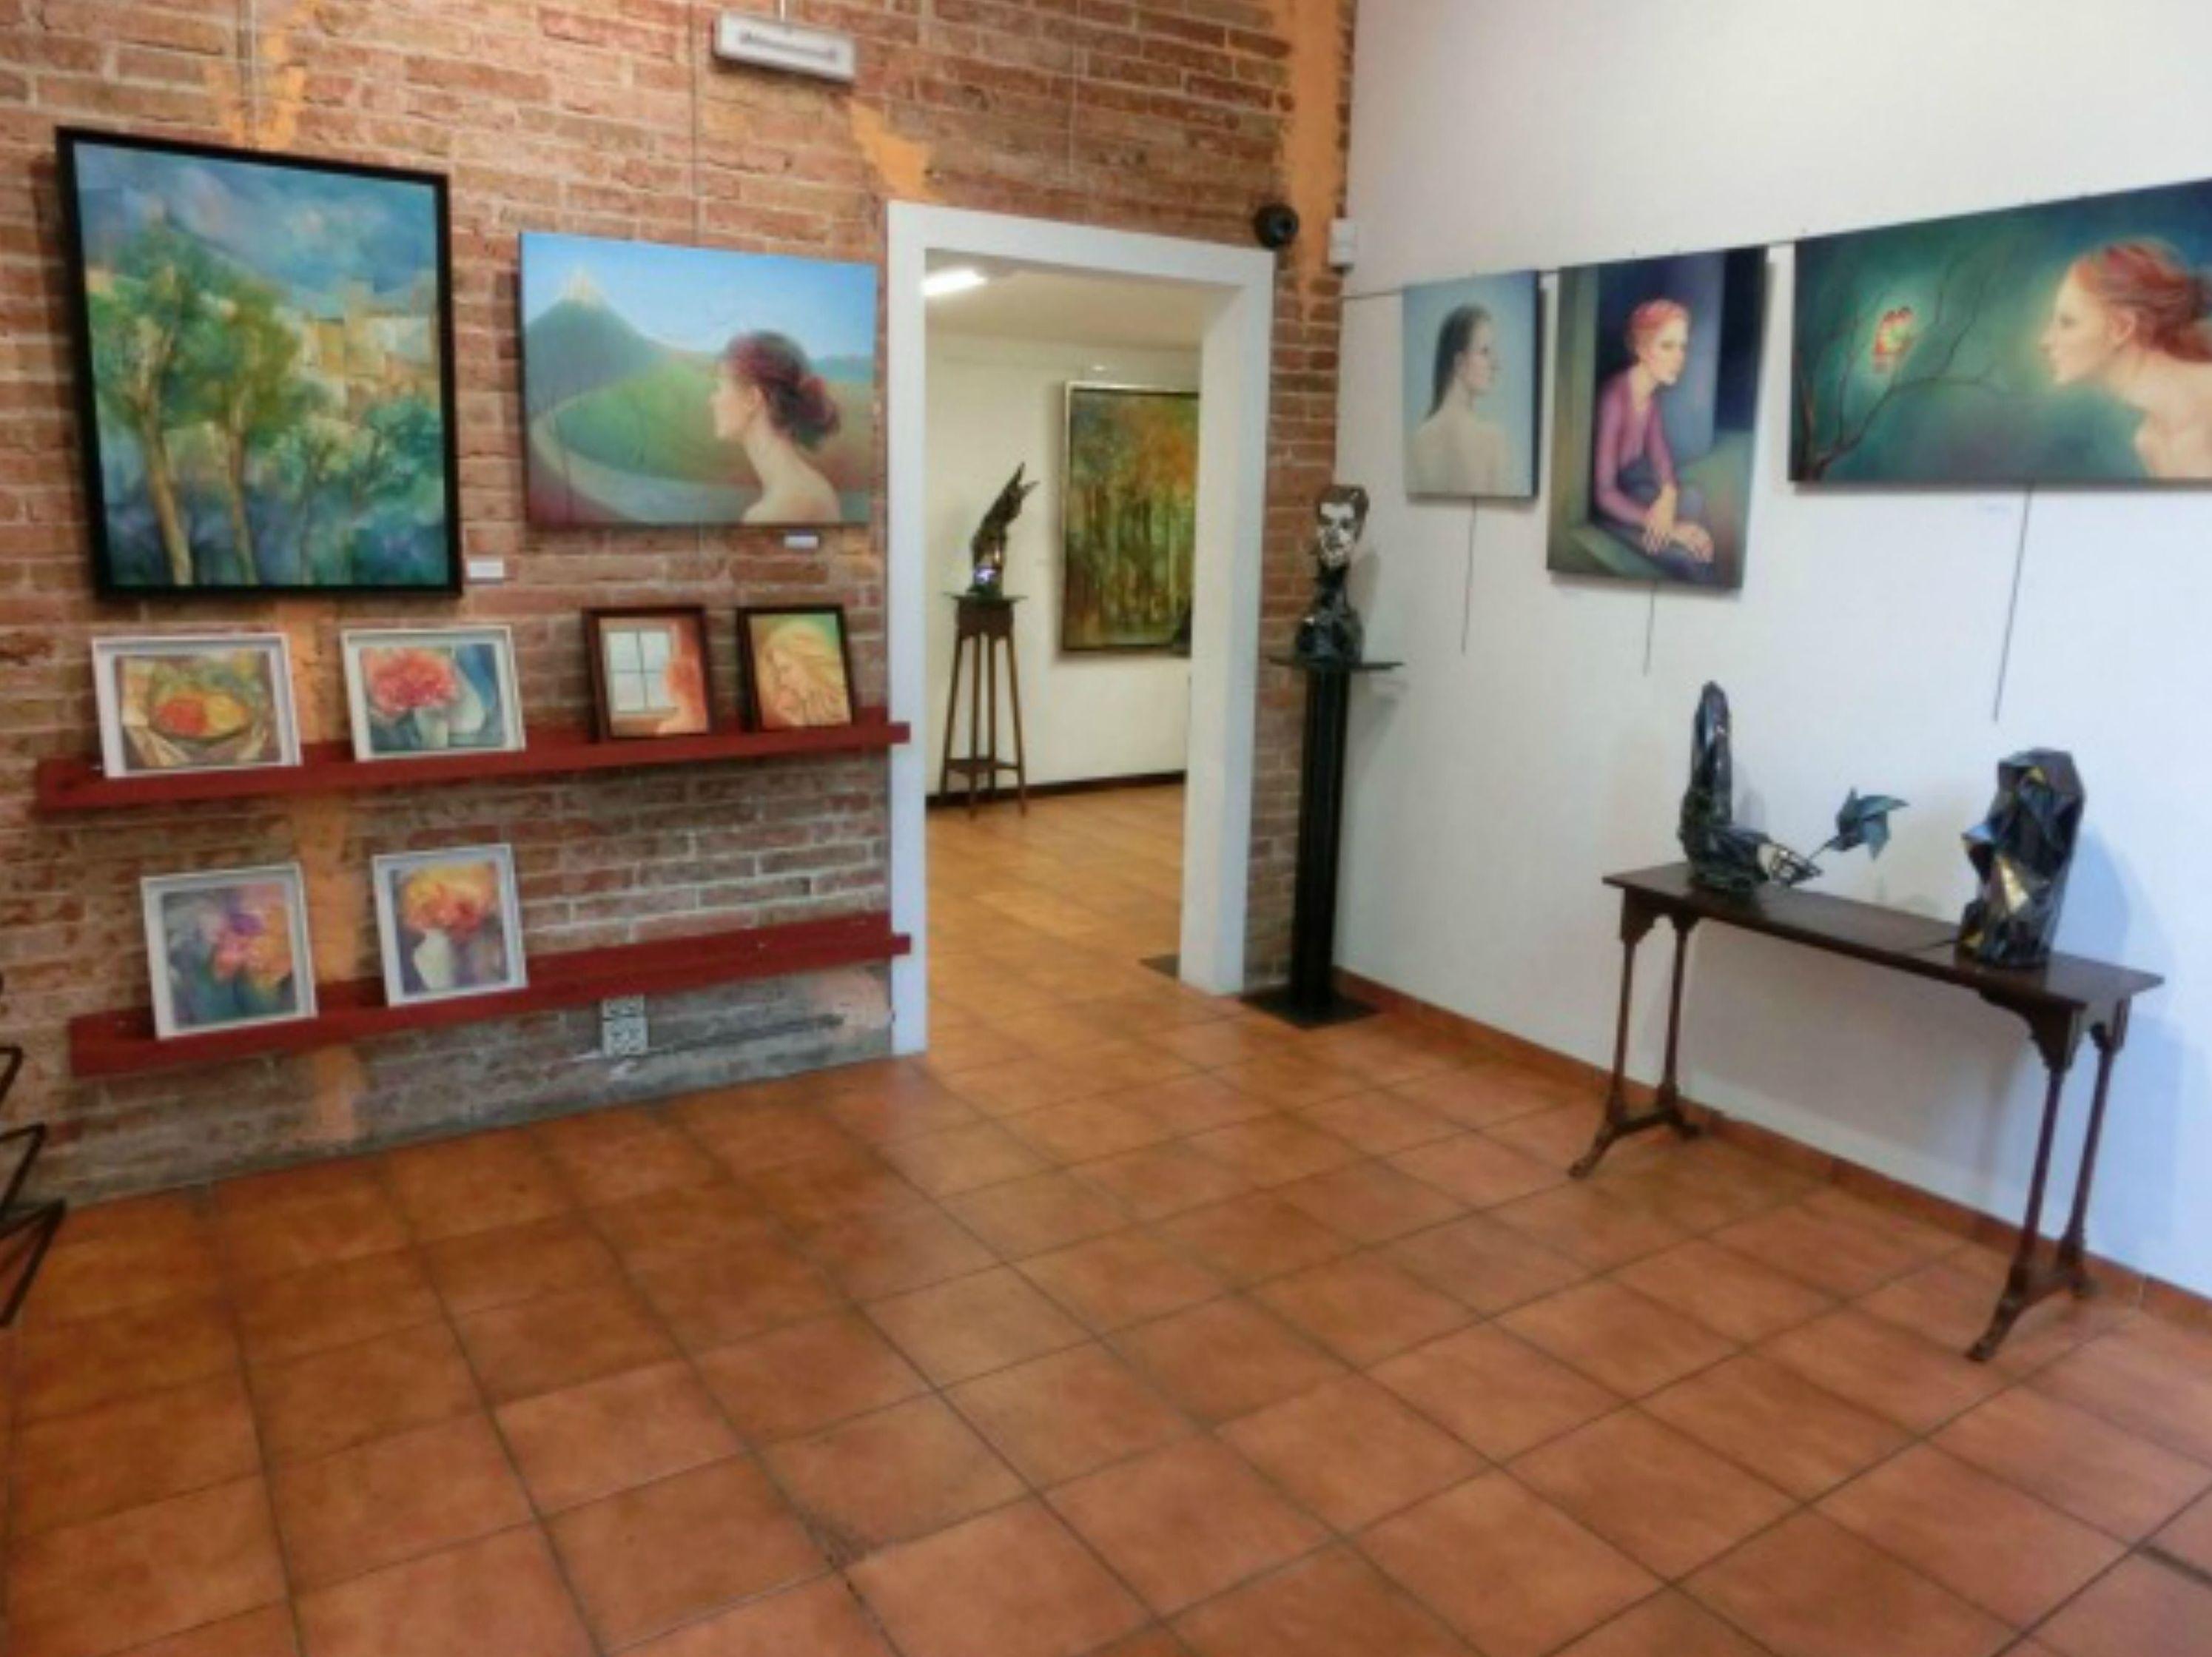 Galer a de arte y pintura en el eixample de barcelona - Galeria de arte sorolla ...